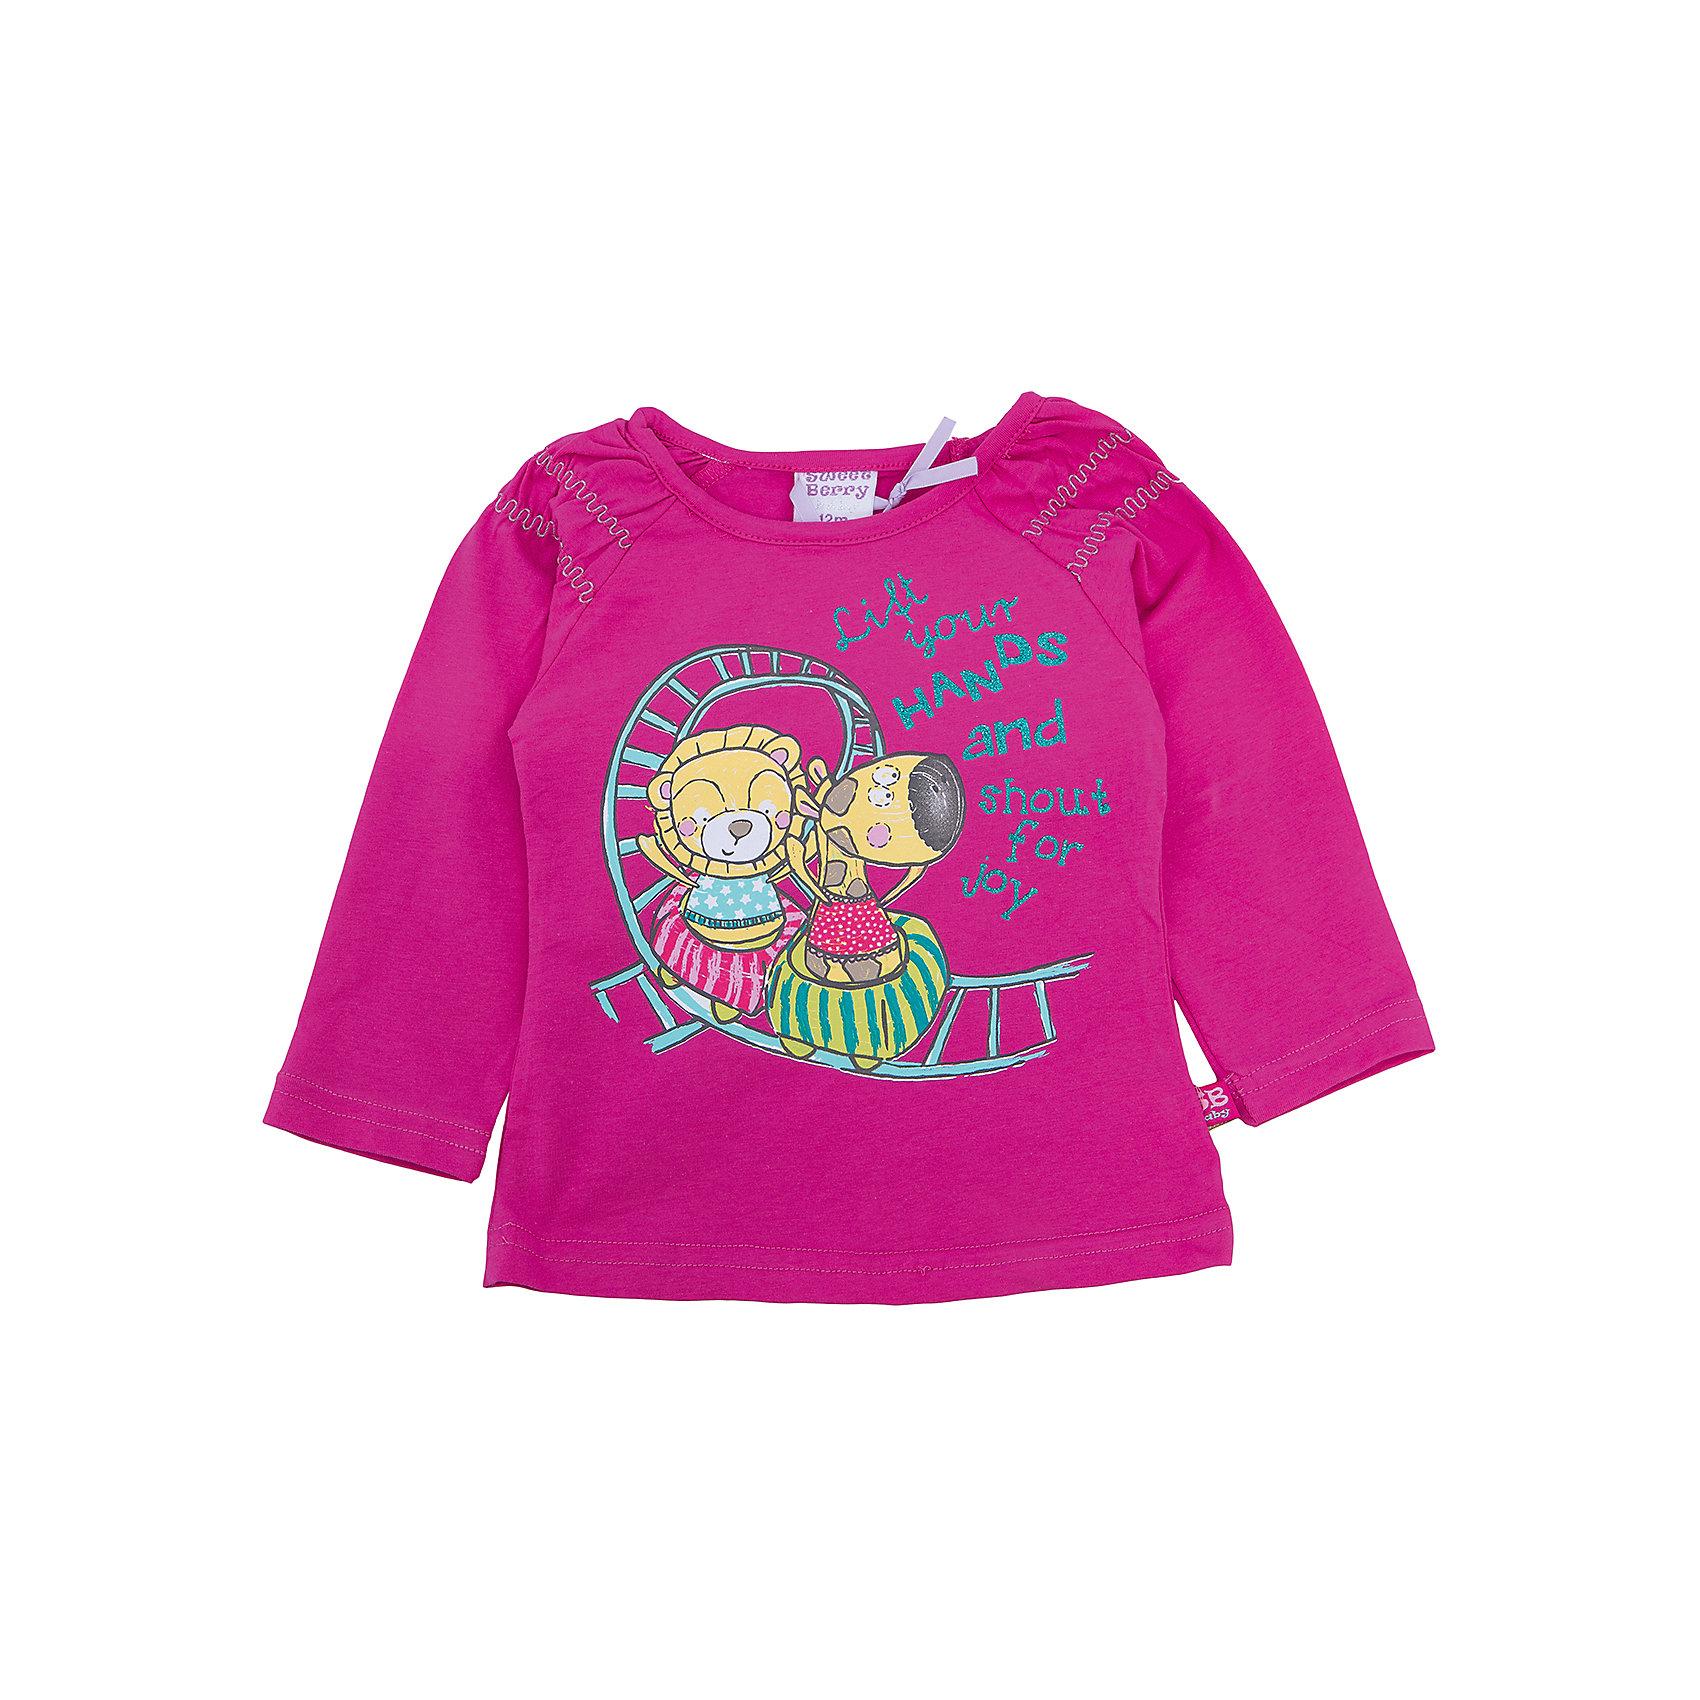 Футболка с длинным рукавом для девочки Sweet BerryФутболки, топы<br>Такая футболка с длинным рукавом для девочки отличается модным дизайном с ярким принтом. Удачный крой обеспечит ребенку комфорт и тепло. Рукава красиво присборены. Вещь плотно прилегает к телу там, где нужно, и отлично сидит по фигуре.<br>Одежда от бренда Sweet Berry - это простой и выгодный способ одеть ребенка удобно и стильно. Всё изделия тщательно проработаны: швы - прочные, материал - качественный, фурнитура - подобранная специально для детей. <br><br>Дополнительная информация:<br><br>цвет: розовый;<br>материал: 95% хлопок, 5% эластан;<br>декорирована принтом.<br><br>Футболку с длинным рукавом для девочки от бренда Sweet Berry можно купить в нашем интернет-магазине.<br><br>Ширина мм: 230<br>Глубина мм: 40<br>Высота мм: 220<br>Вес г: 250<br>Цвет: розовый<br>Возраст от месяцев: 24<br>Возраст до месяцев: 36<br>Пол: Женский<br>Возраст: Детский<br>Размер: 98,80,86,92<br>SKU: 4931268